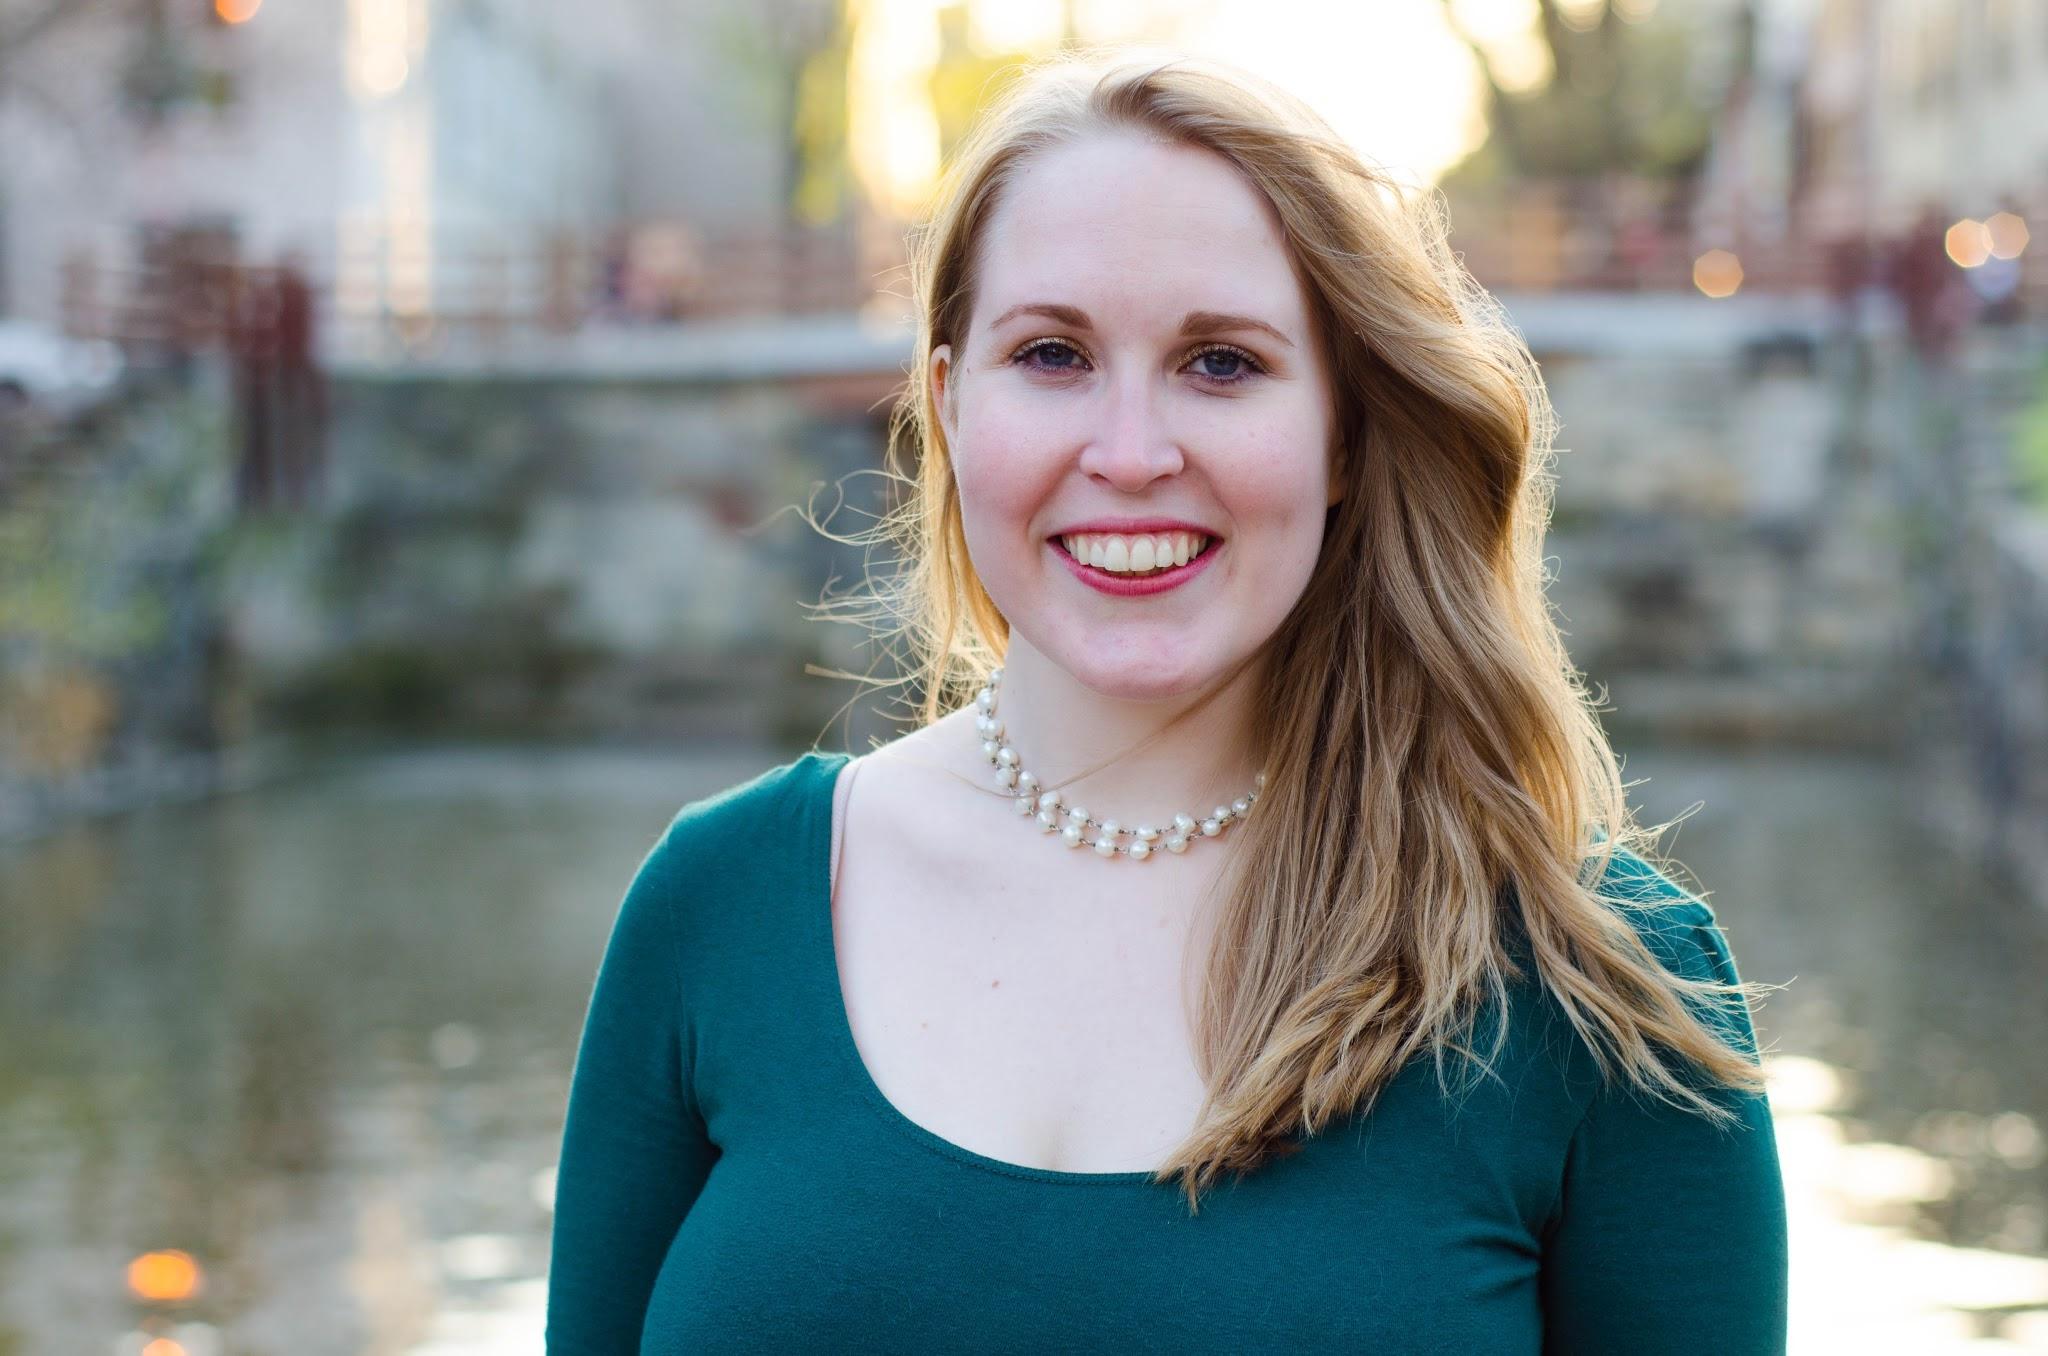 Megan Arnold